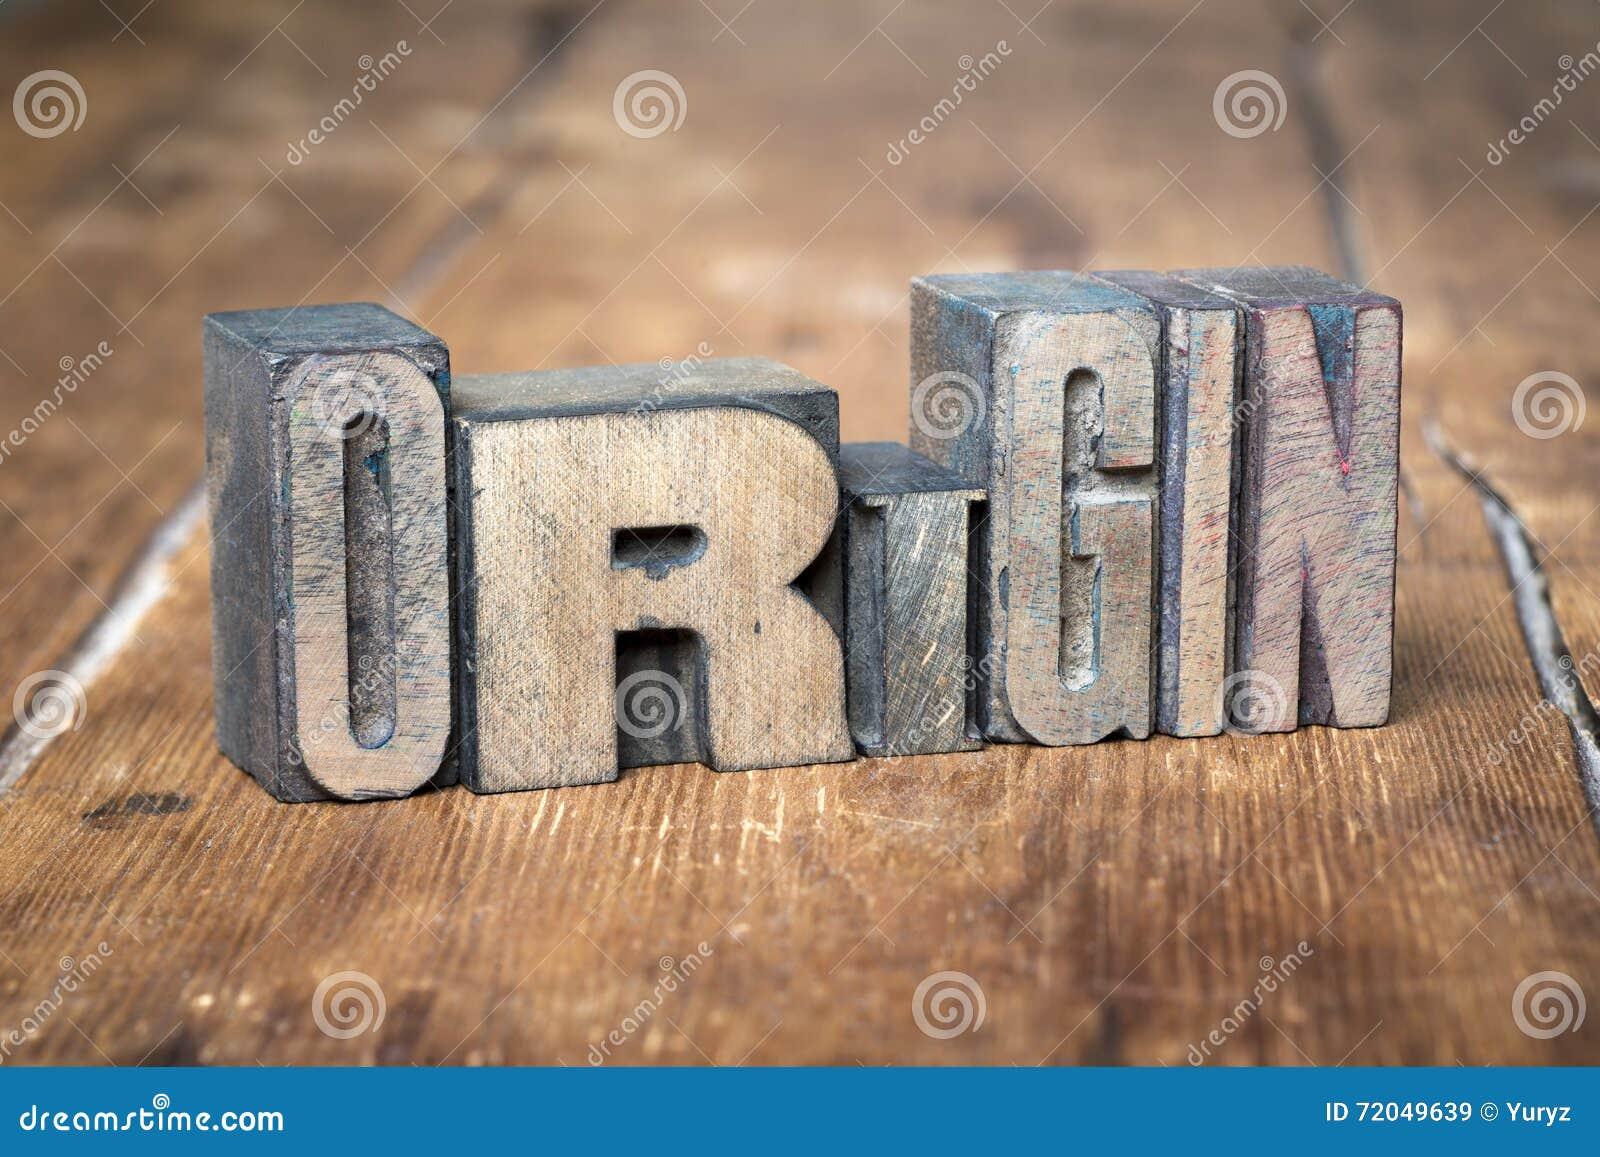 Origin word wood